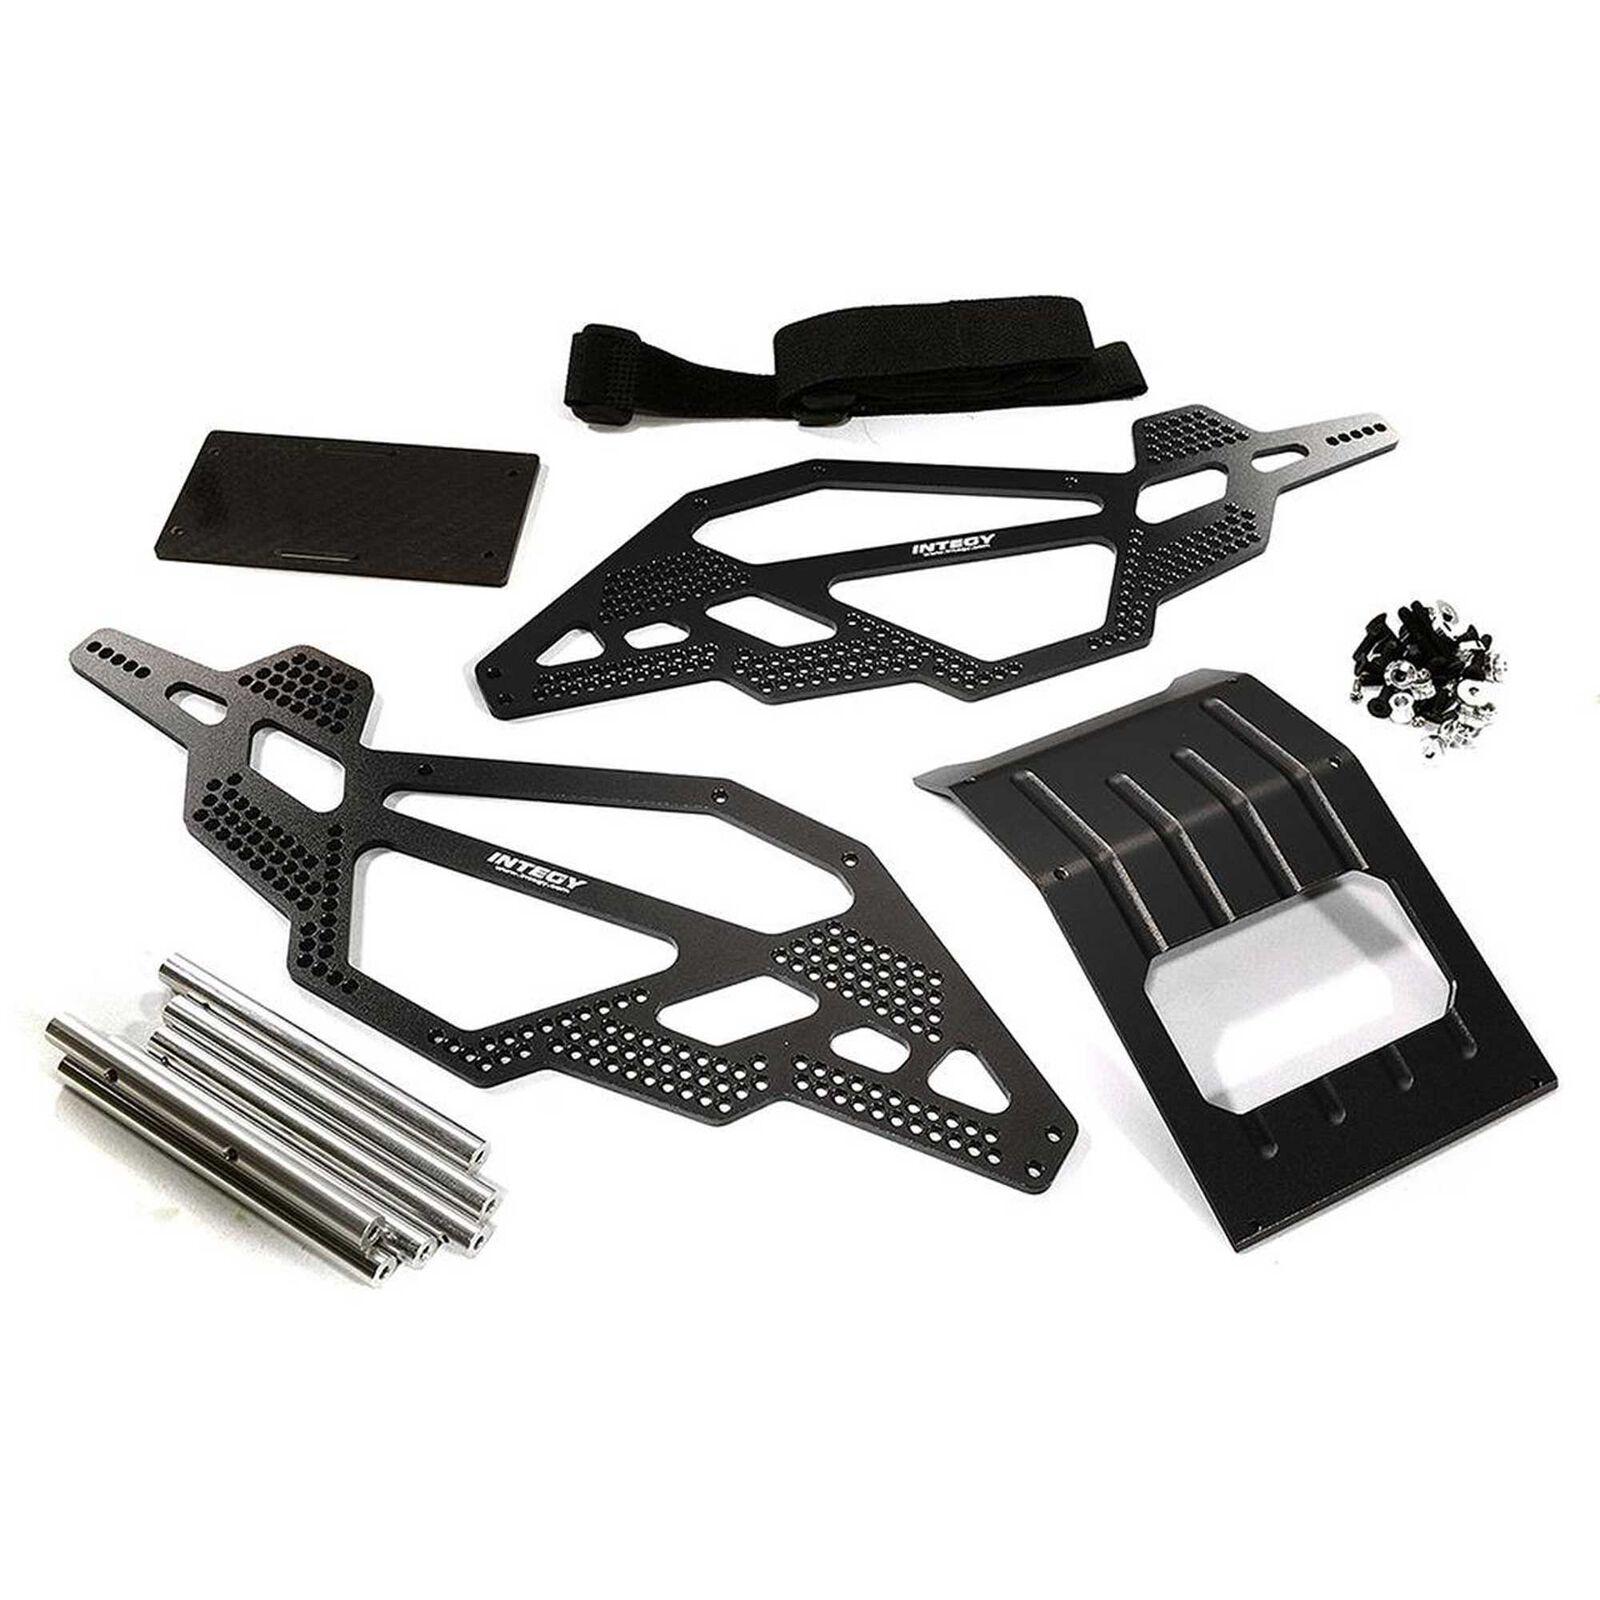 Chassis Kit: 1/10 Rock Crawler